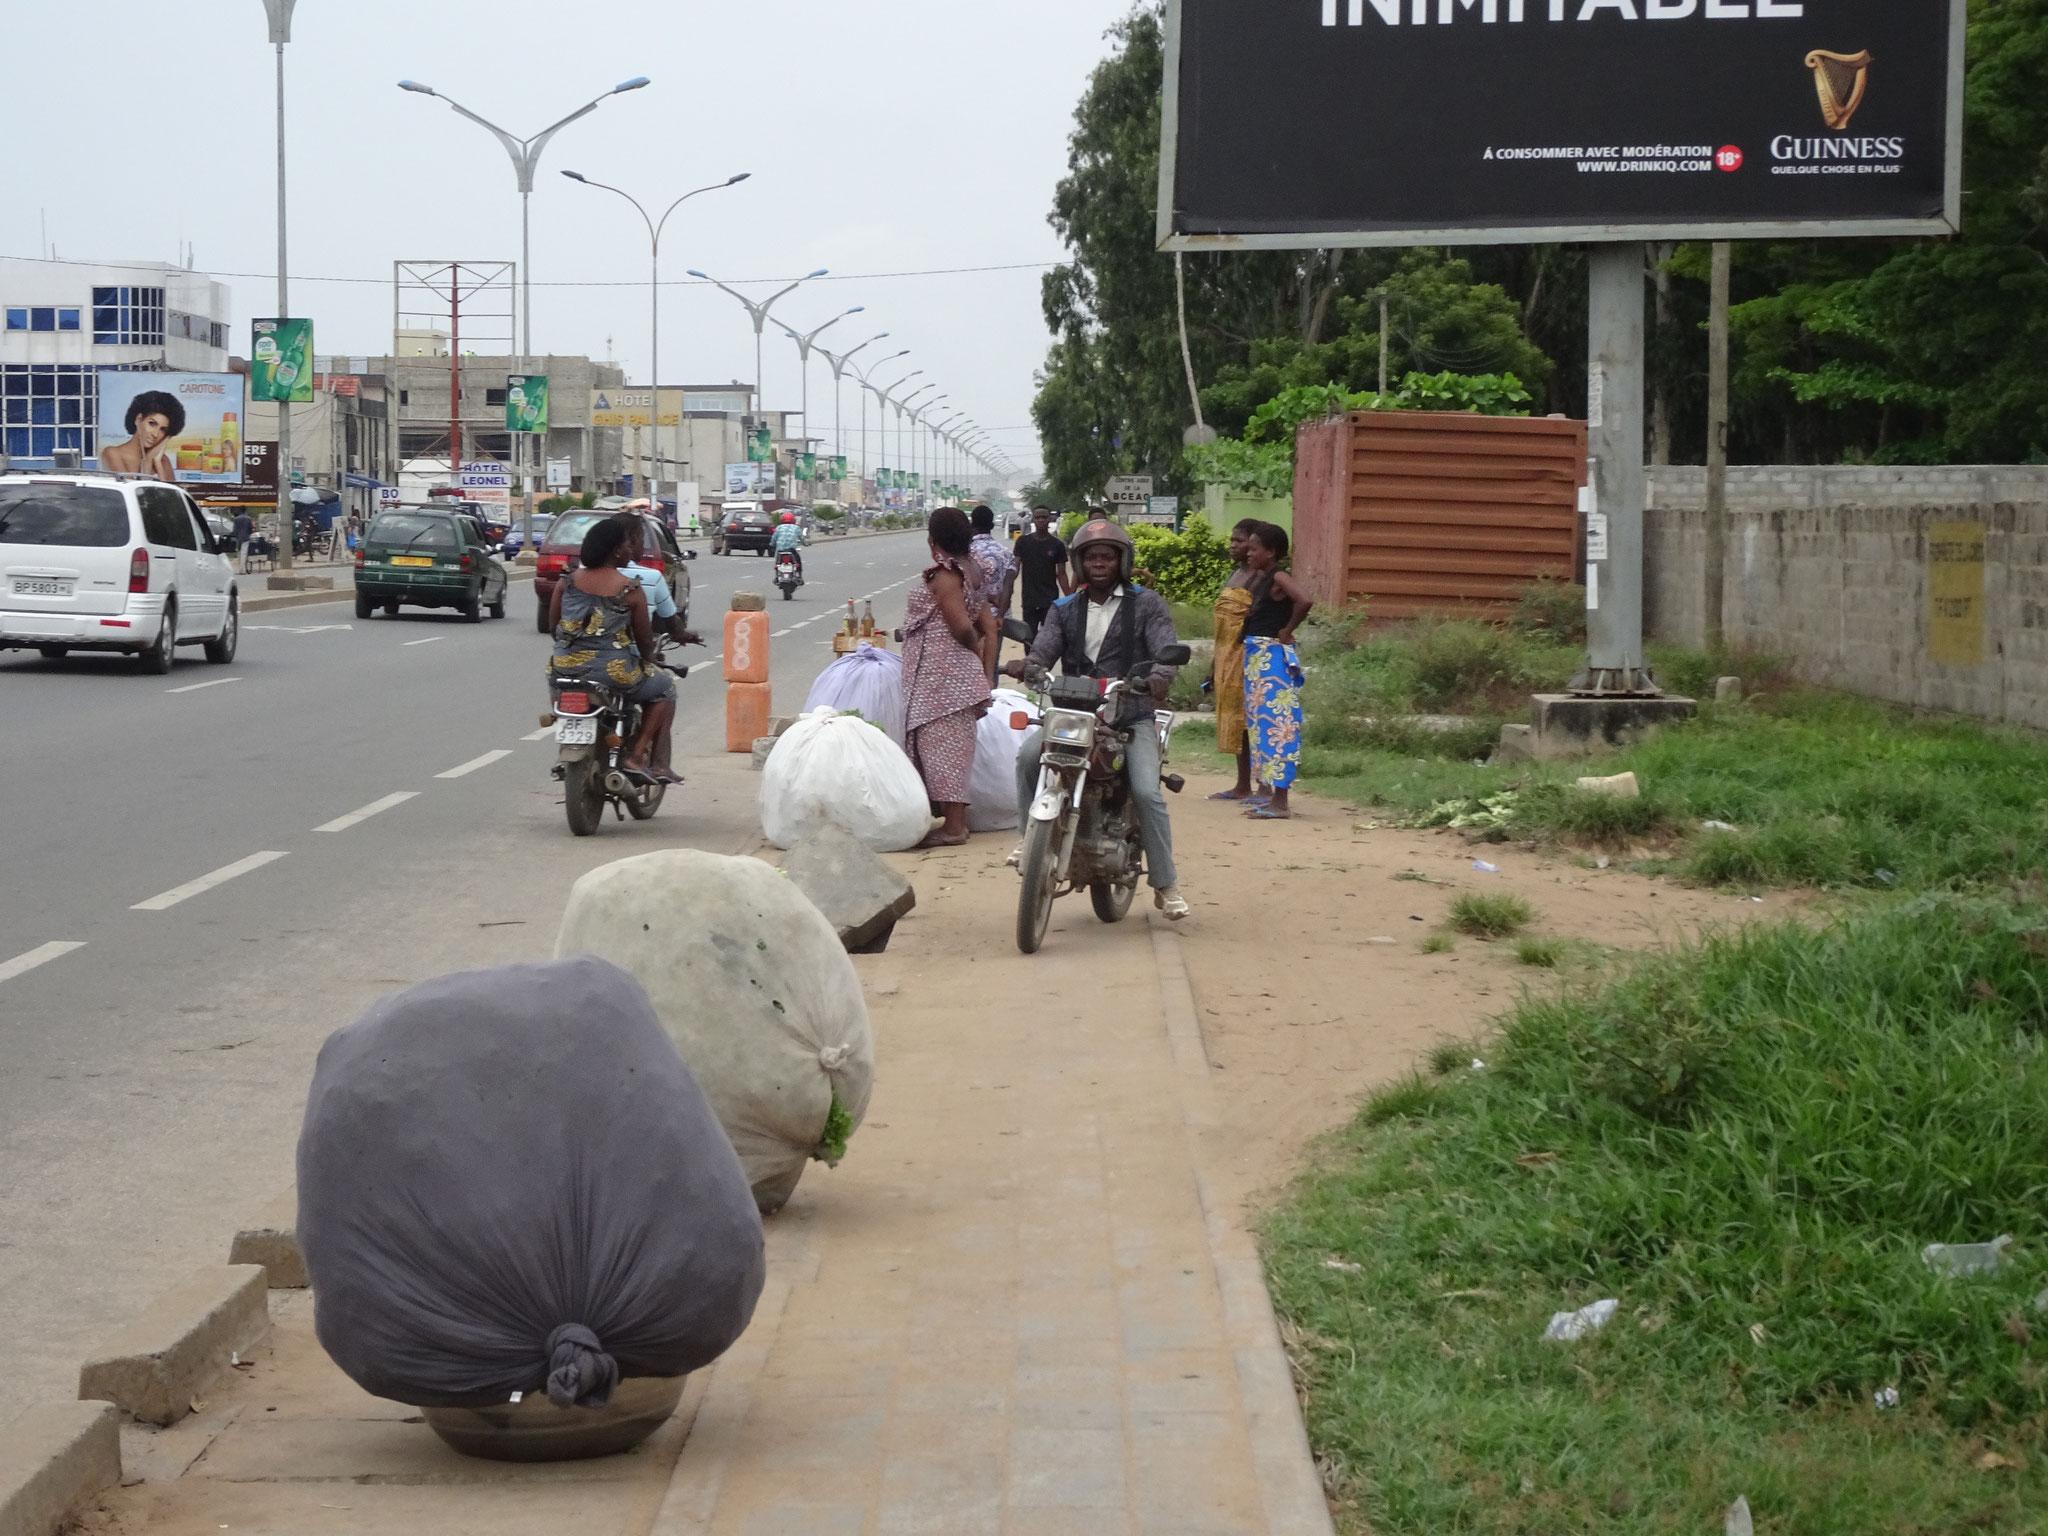 Das Frisch verpackte Gemüse wartet auf den Abtransport. Die Motorradfahrer zwängen sich aber auch noch durch.